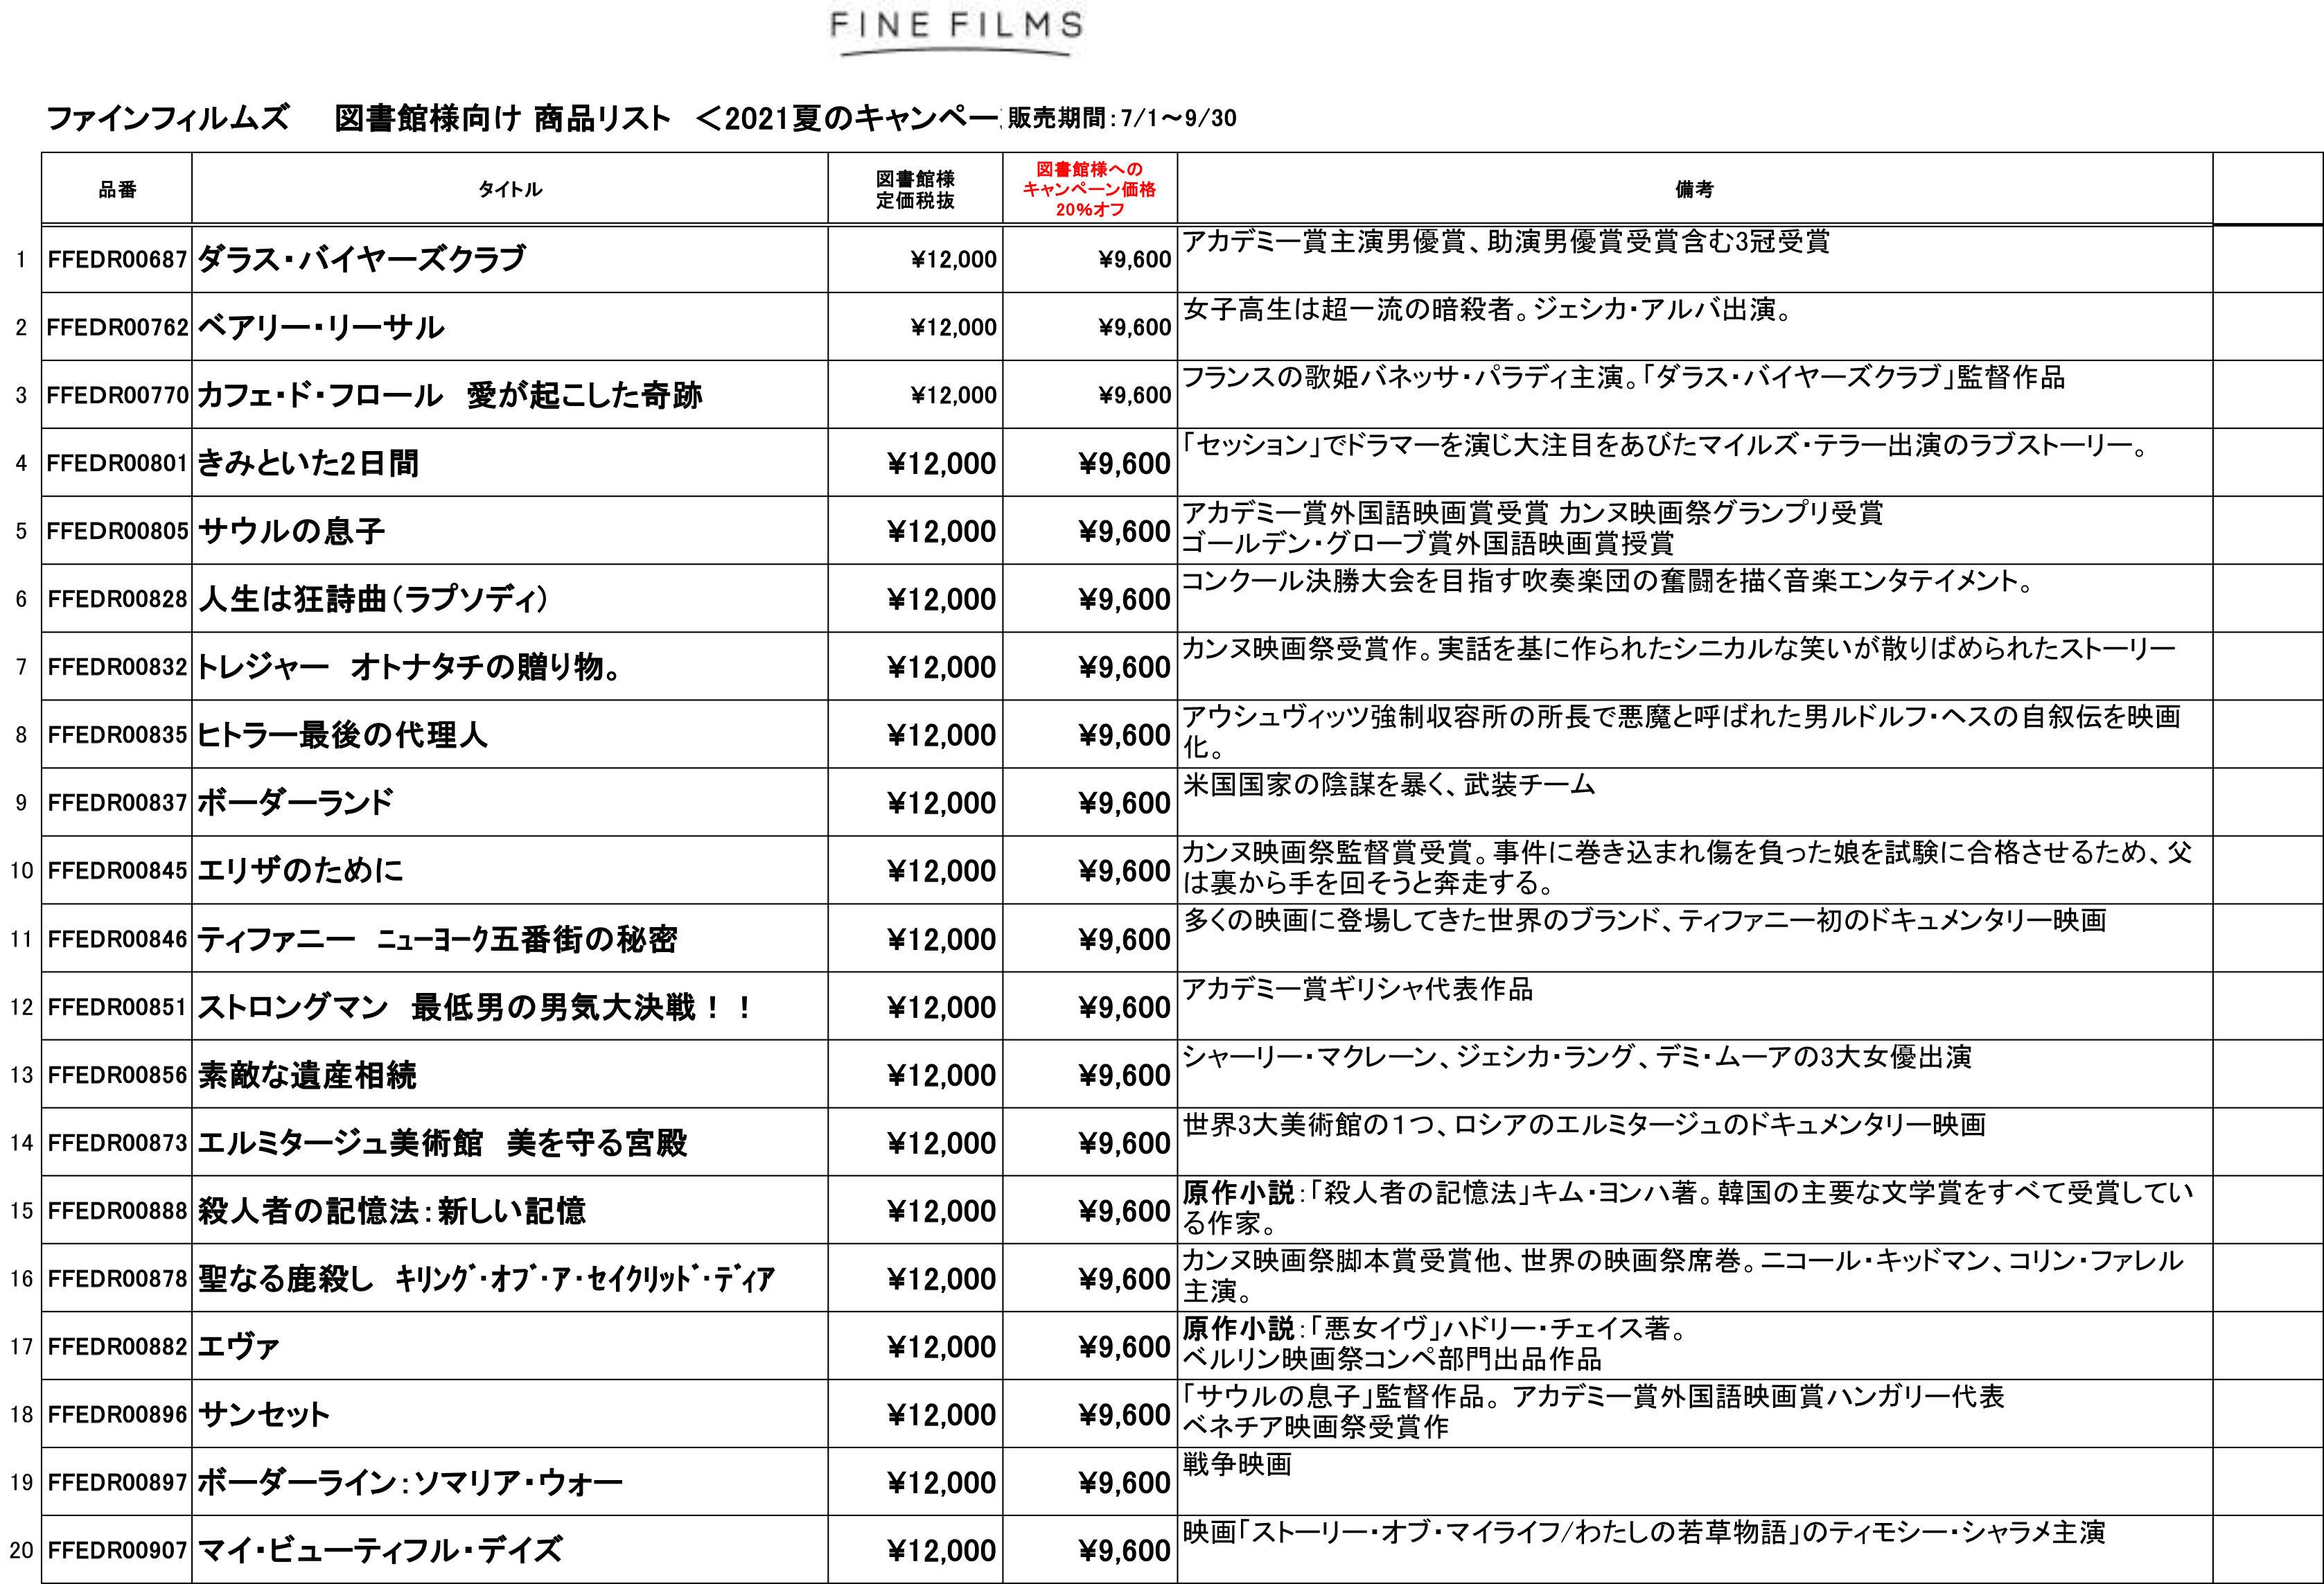 ハピネット☆キャンペーン作品リスト キャンペーン期間:21年8月1日〜21年10月31日